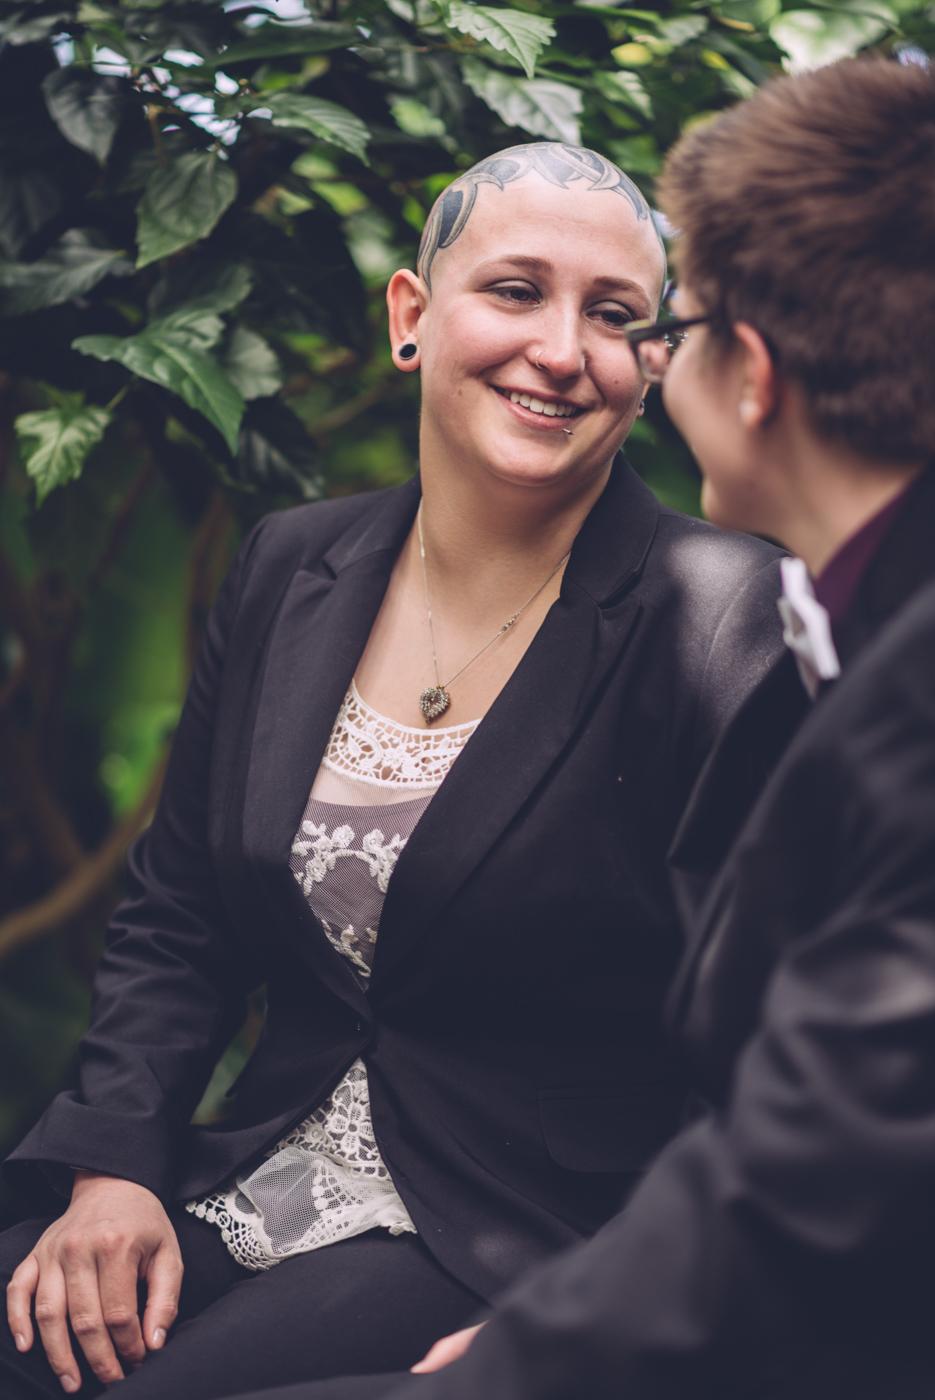 marilynn_robbi_wedding_blog54.jpg